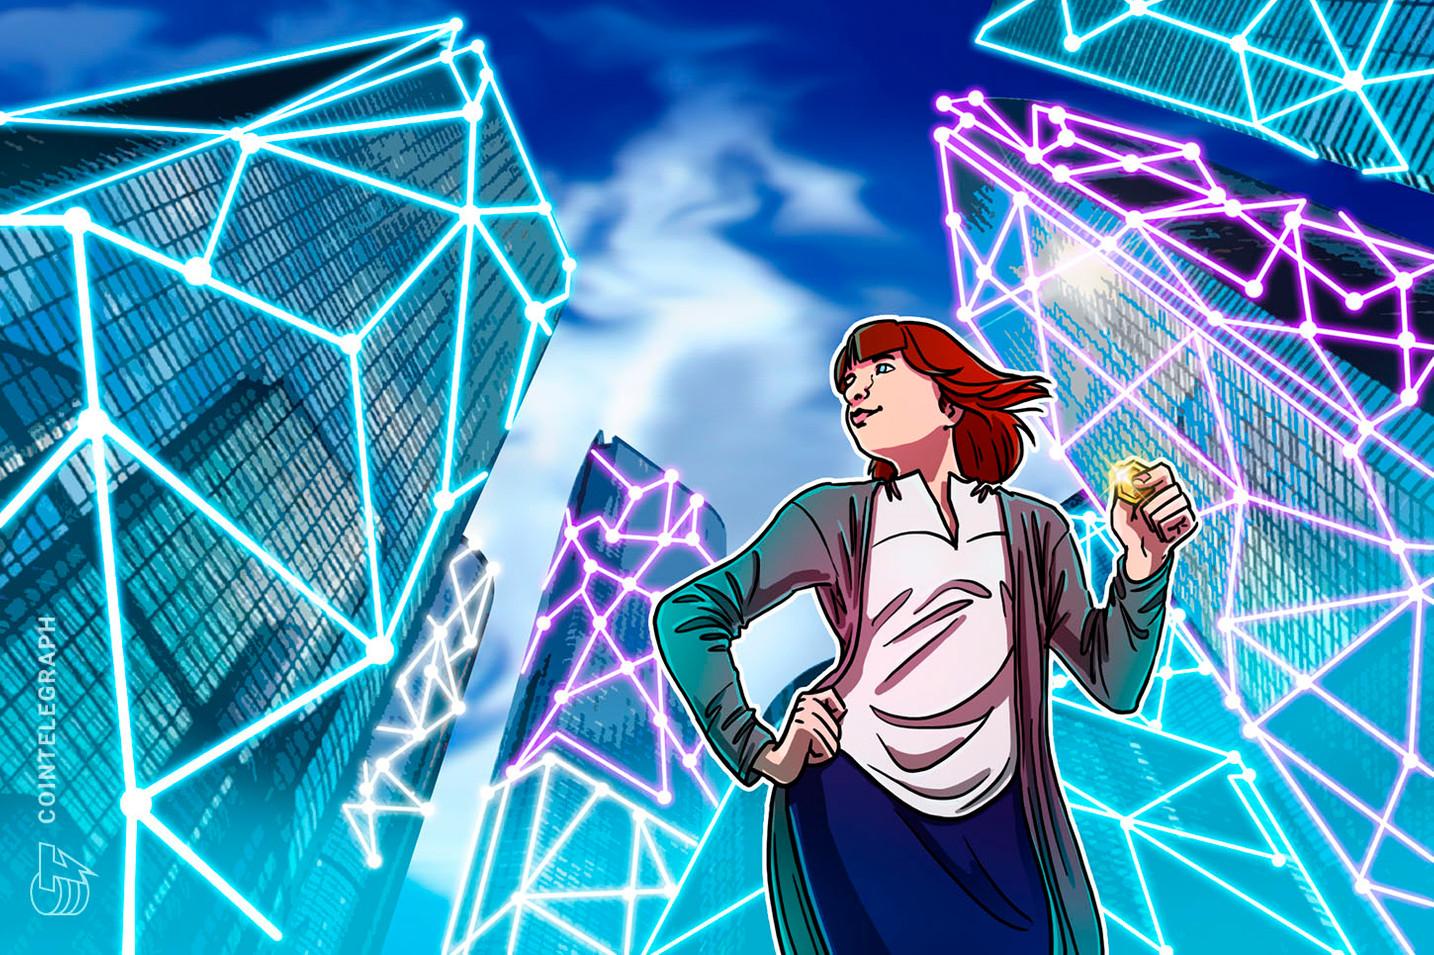 米アセットブロック、65億円規模の不動産をトークン化 アルゴランドのブロックチェーン活用